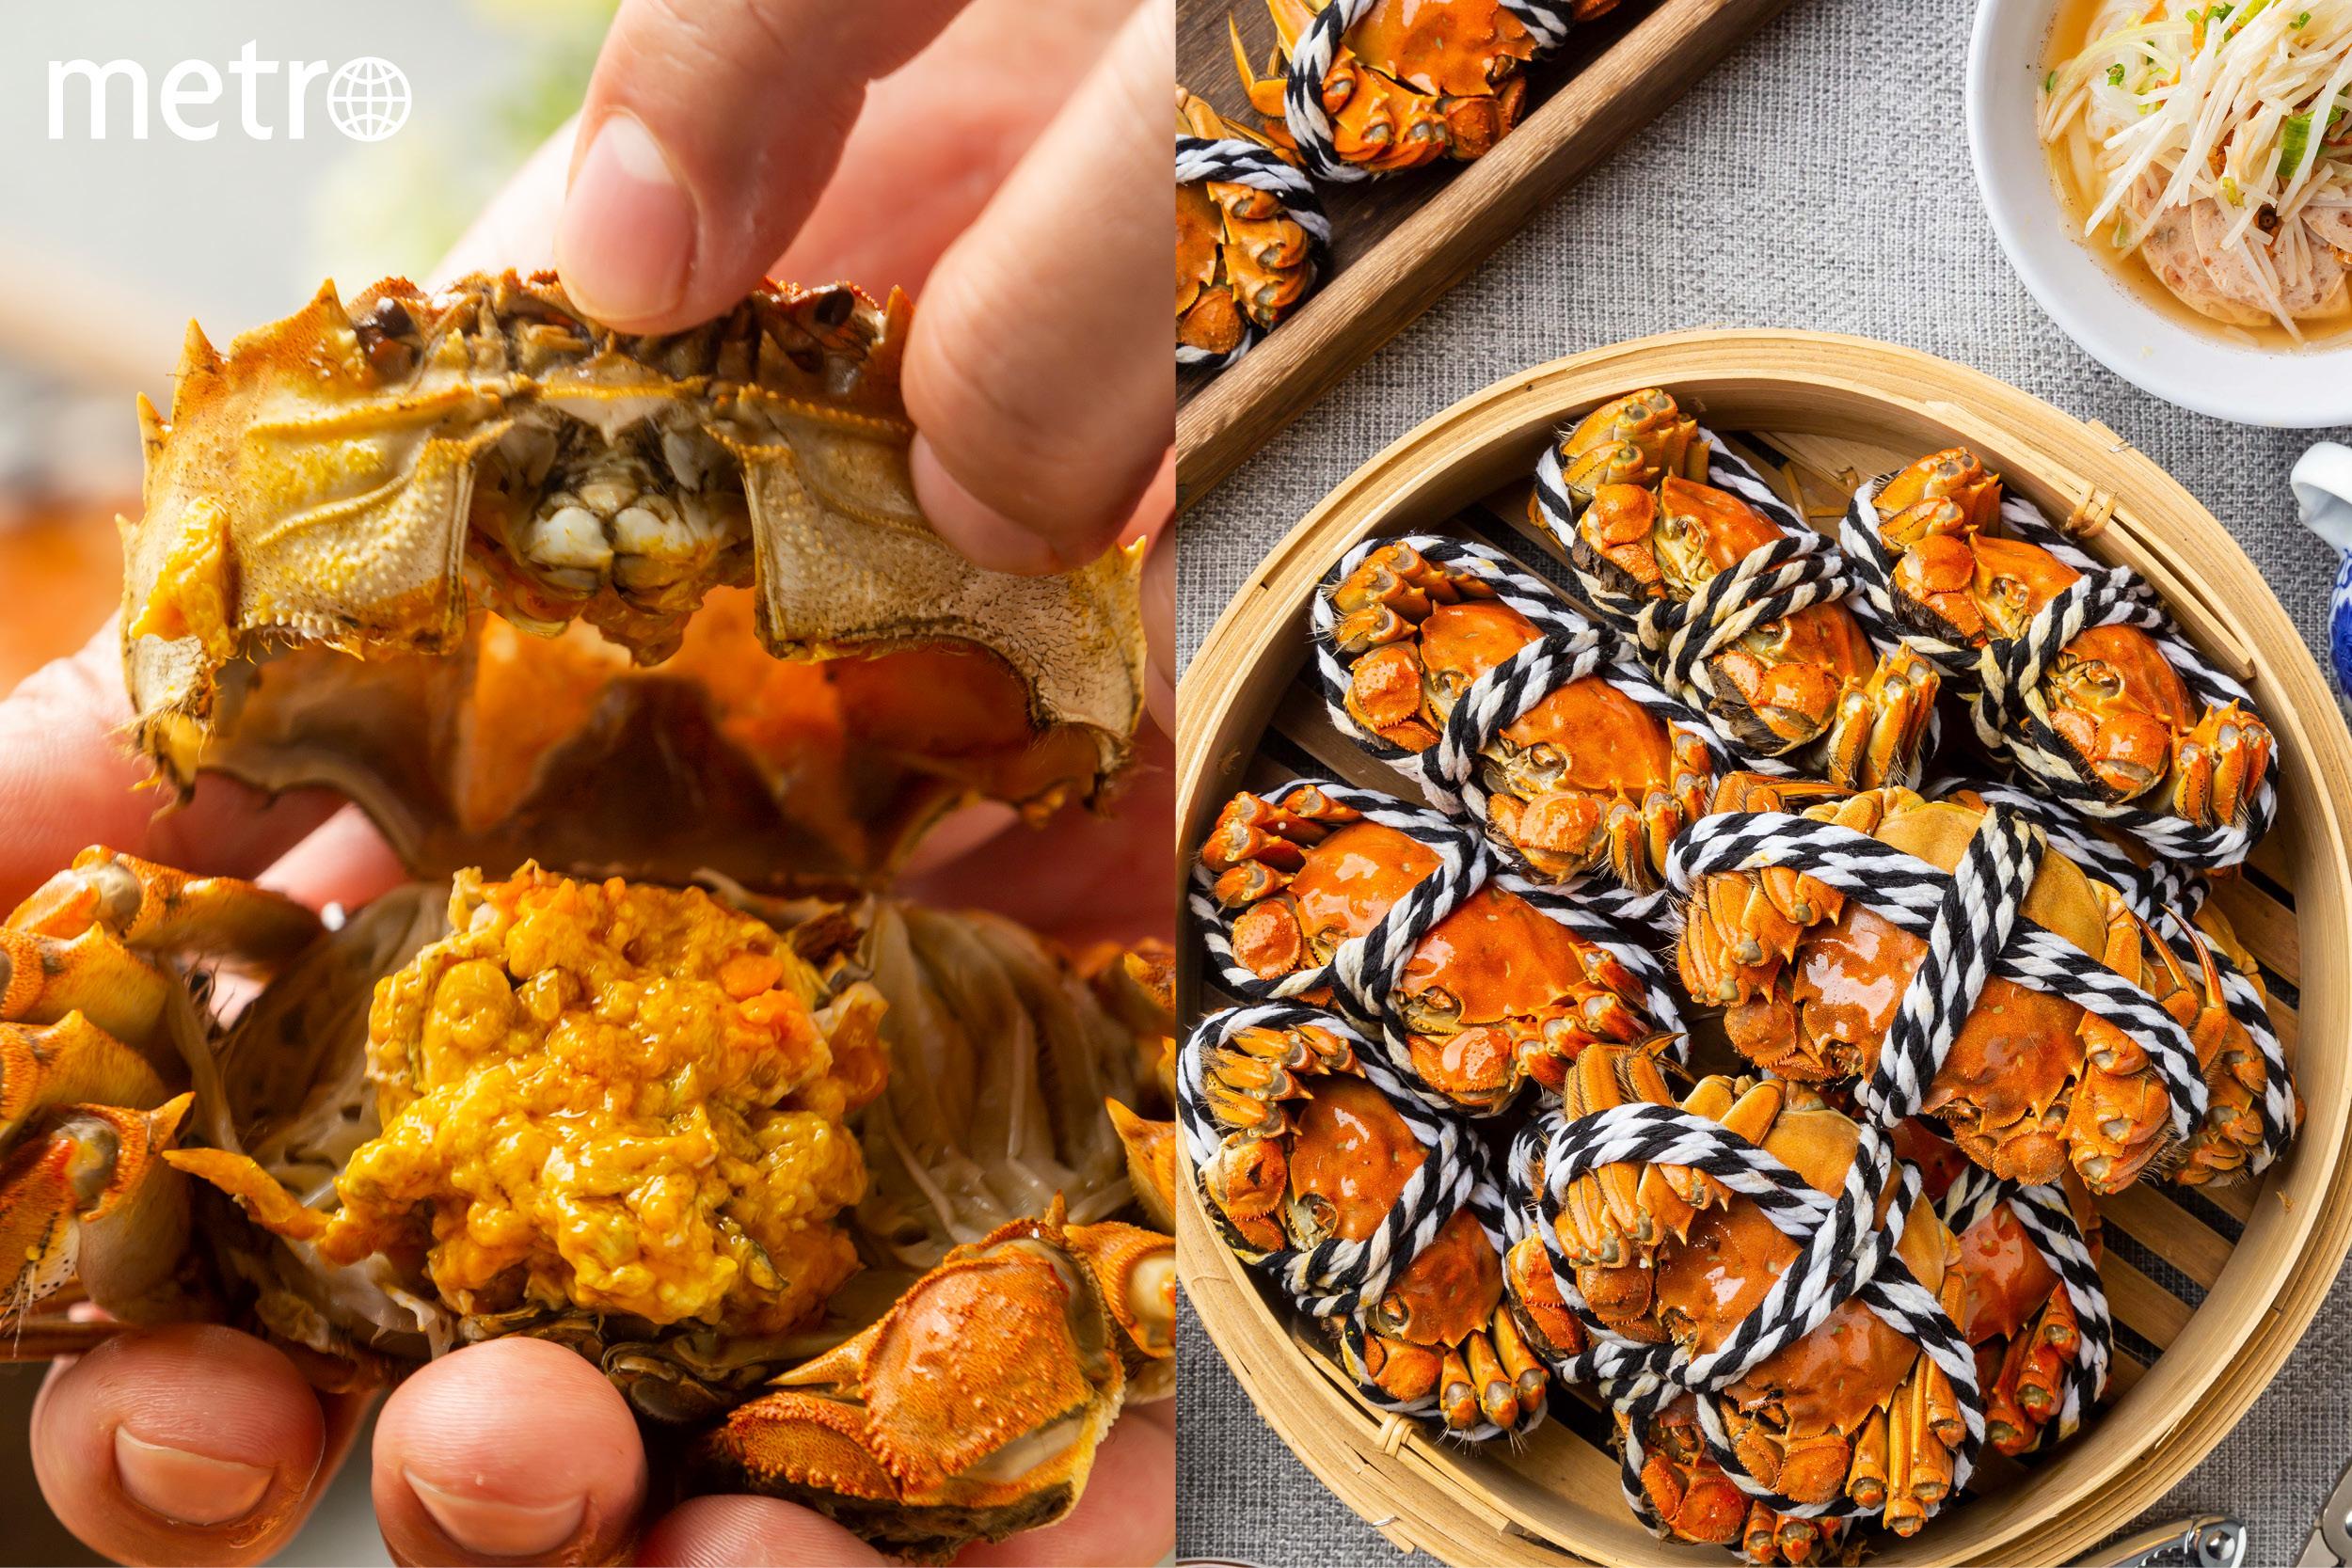 大閘蟹放題 九龍灣新越南餐廳 足料蟹粉料理